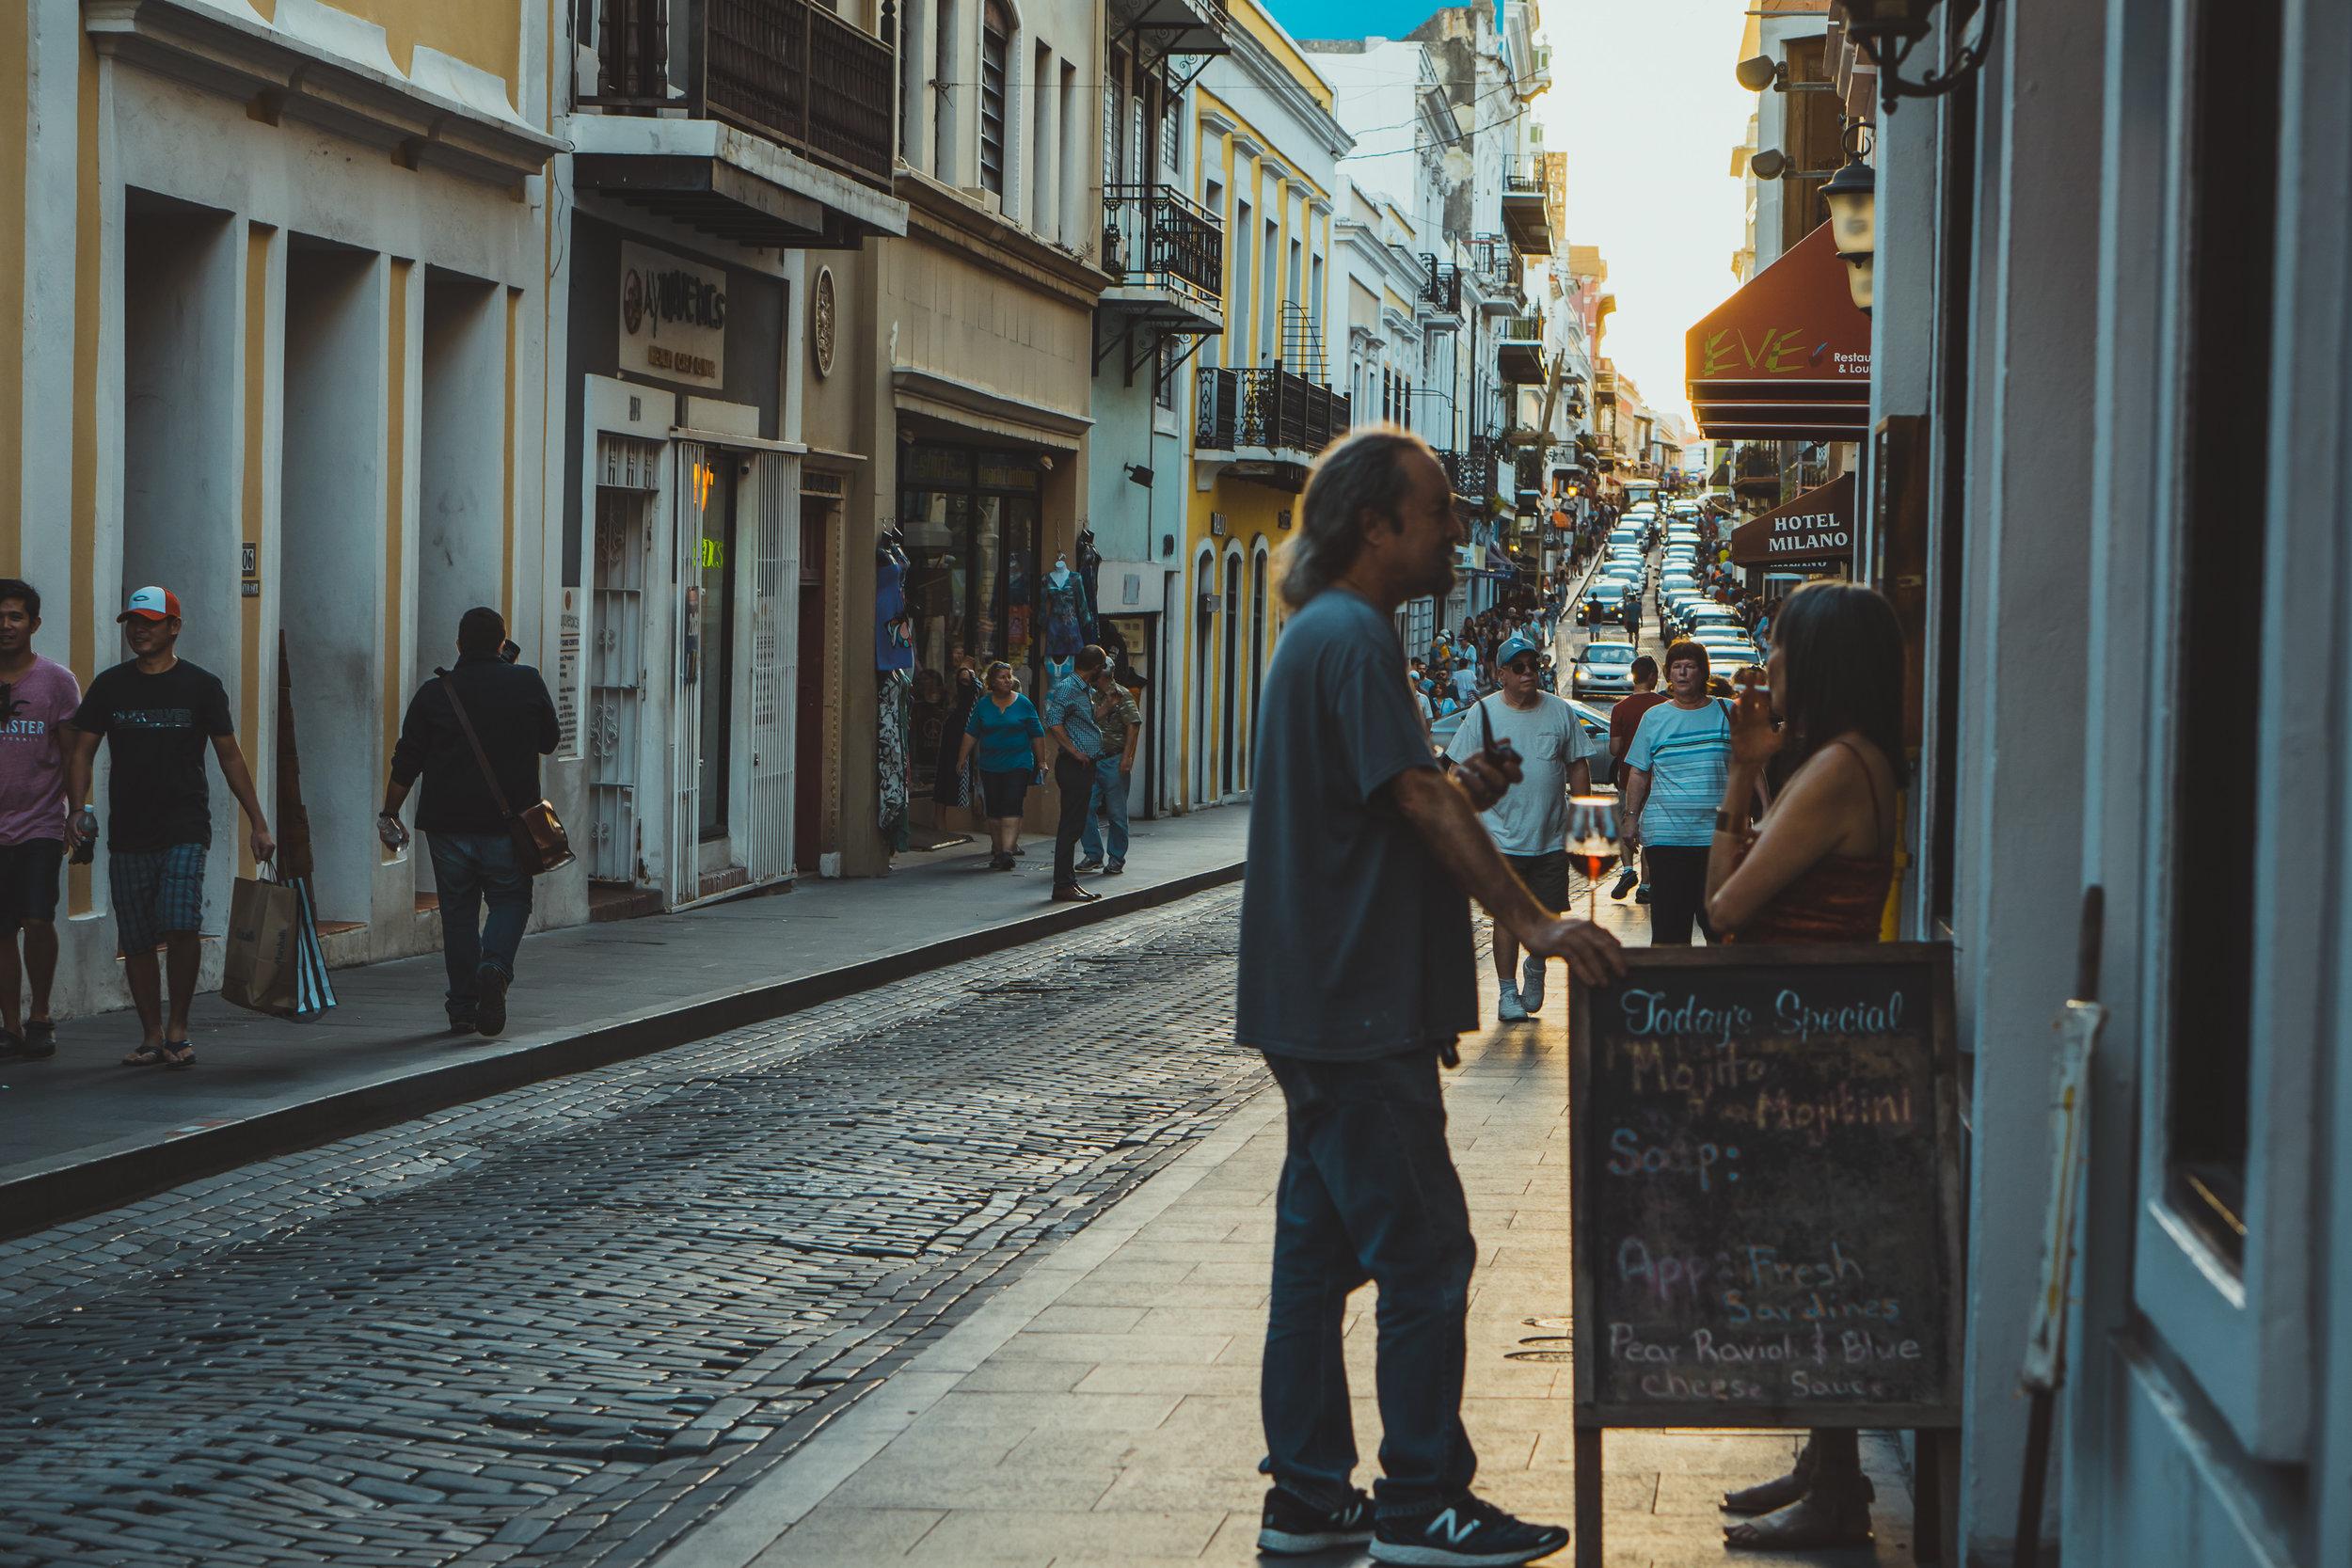 Puerto Rico - Las navidades en Puerto Rico tienen lo mejor de dos mundos: Celebraciones y comida espectacular mientras puedes disfrutar del Sol en varias de las mejores playas del litoral caribeño. Puerto Rico se distingue por celebrar las navidades con música y comida folclórica reconocidas a nivel internacional como una de las mejores durante esta época. Los boricuas viven casi un mes de celebraciones continuas durante la época navideña. Visitar un restauran puede ser una experiencia única durante esta época, pero disfrutar de una celebración familiar será sin duda alguna una experiencia inolvidable.